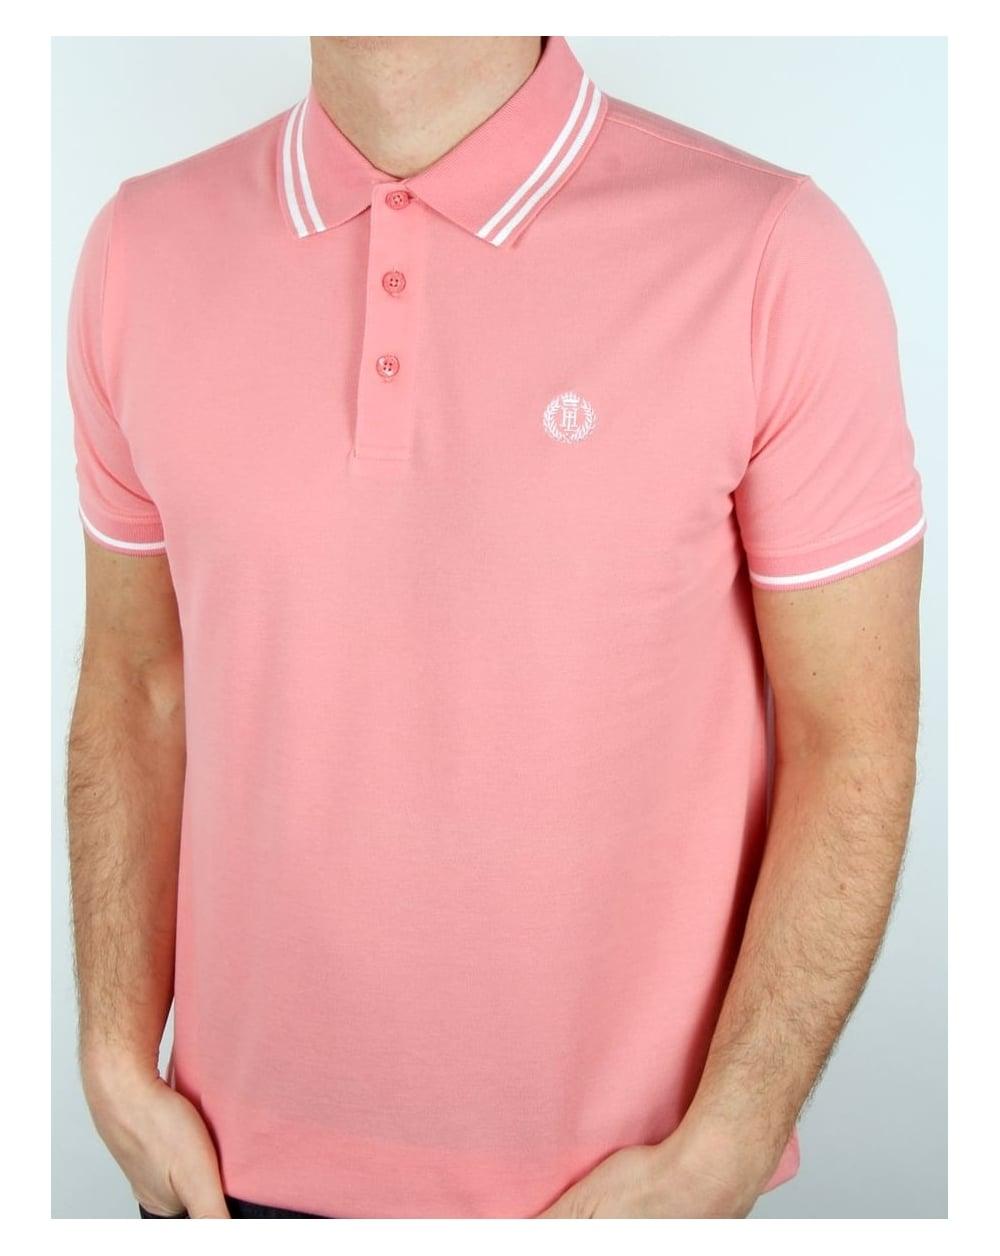 48af8e11 Henri Lloyd Byron Polo Shirt Salmon Pink, Men's, Pique, Cotton